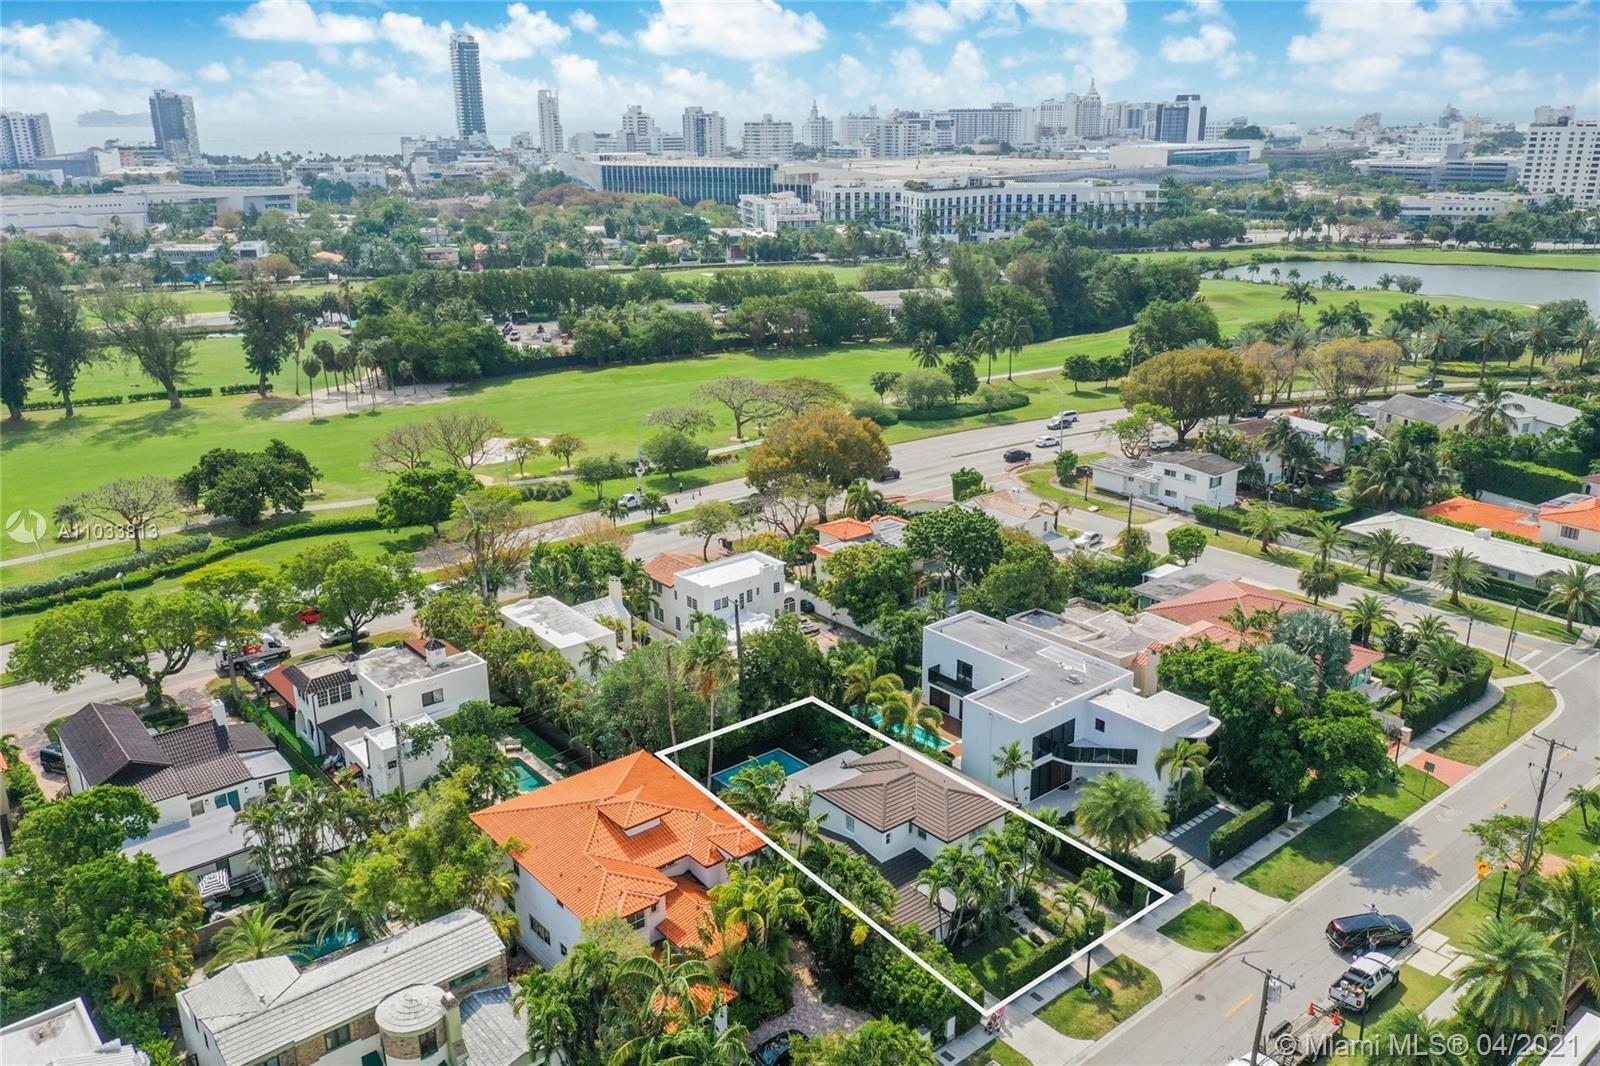 Photo of 2135 N Bay Rd, Miami Beach, FL 33140 (MLS # A11033813)